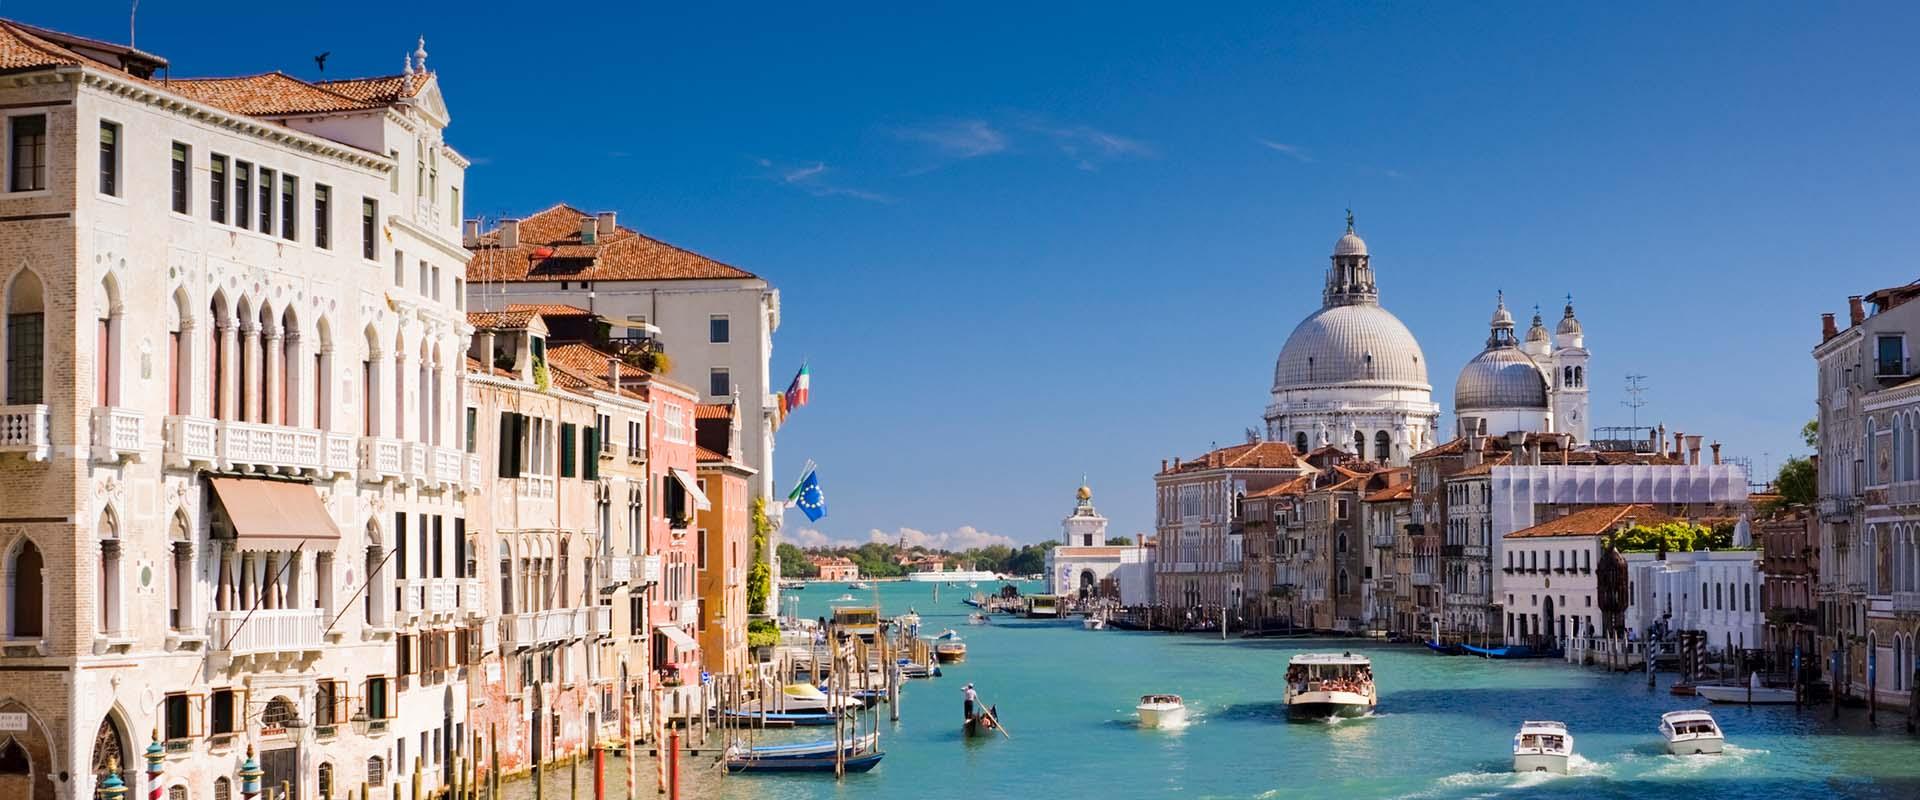 italian holiday dates